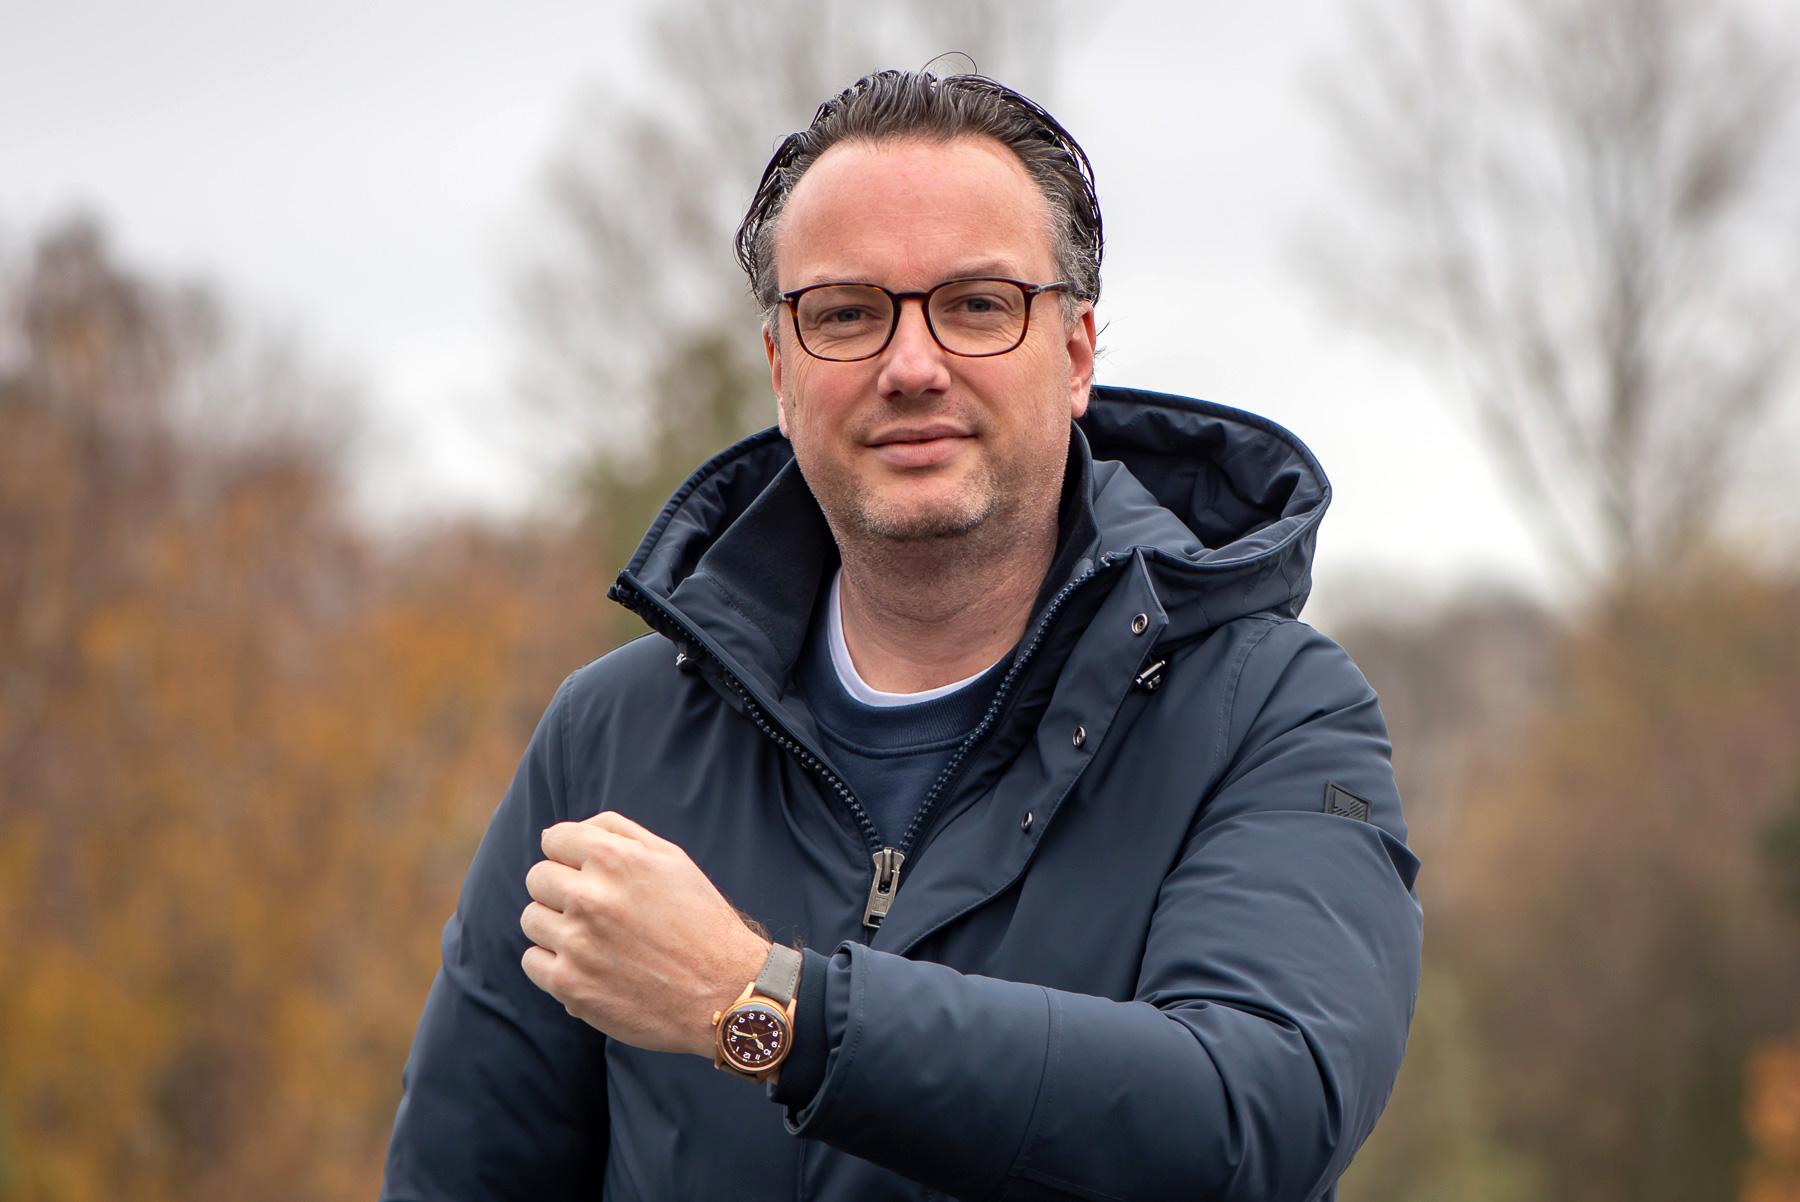 Robert-Jan Broer interview